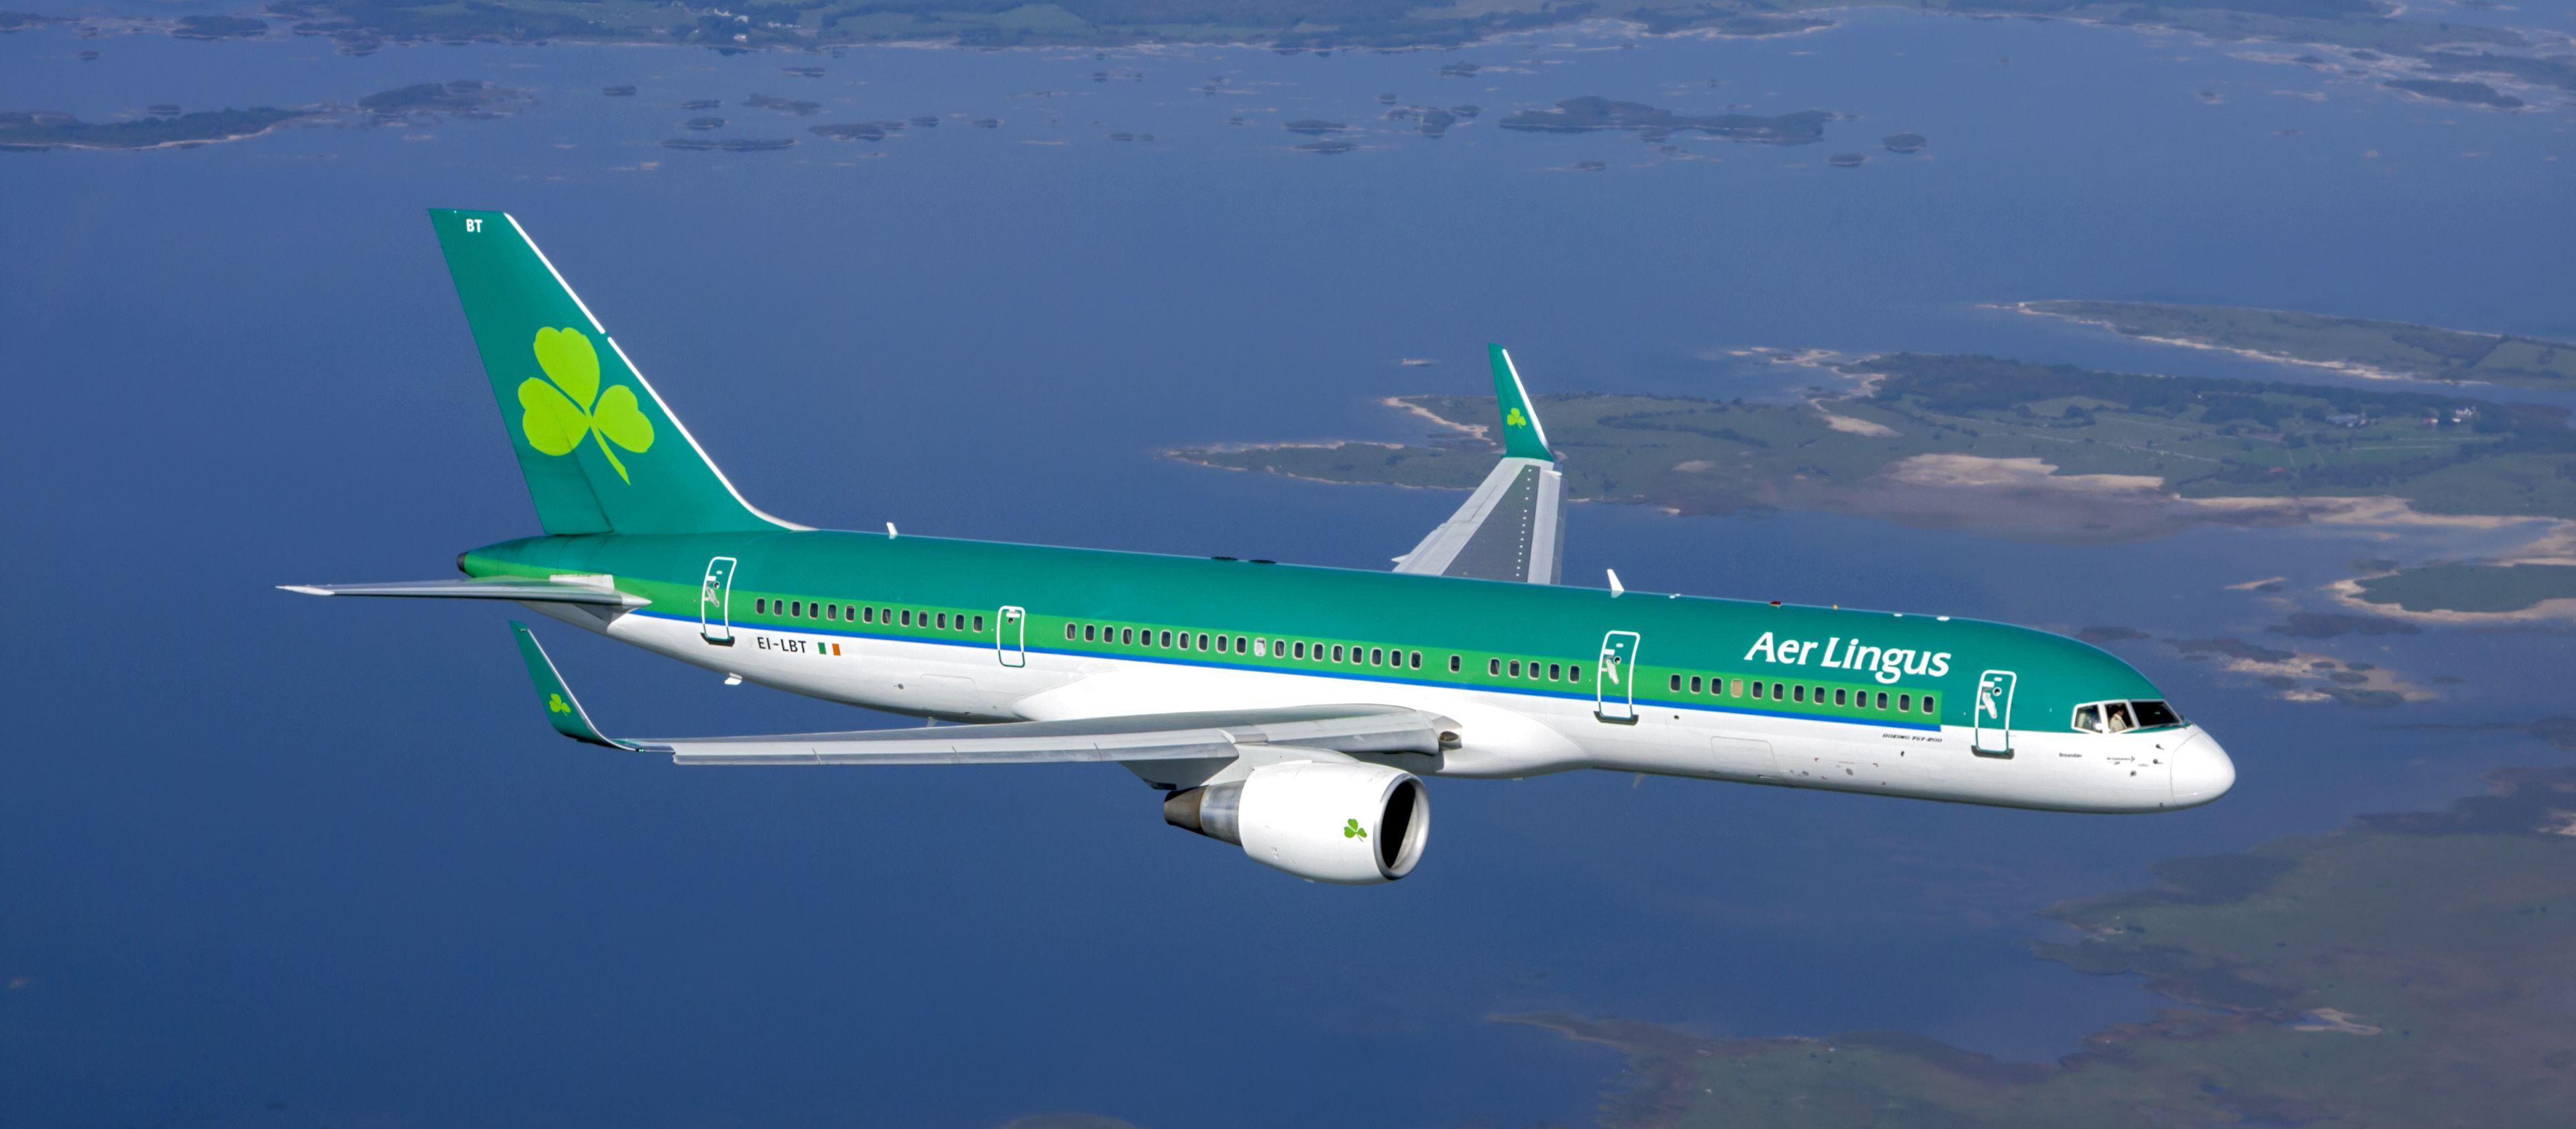 Aussenansicht des Aer Lingus Flugzeugs in Reiseflughöhe